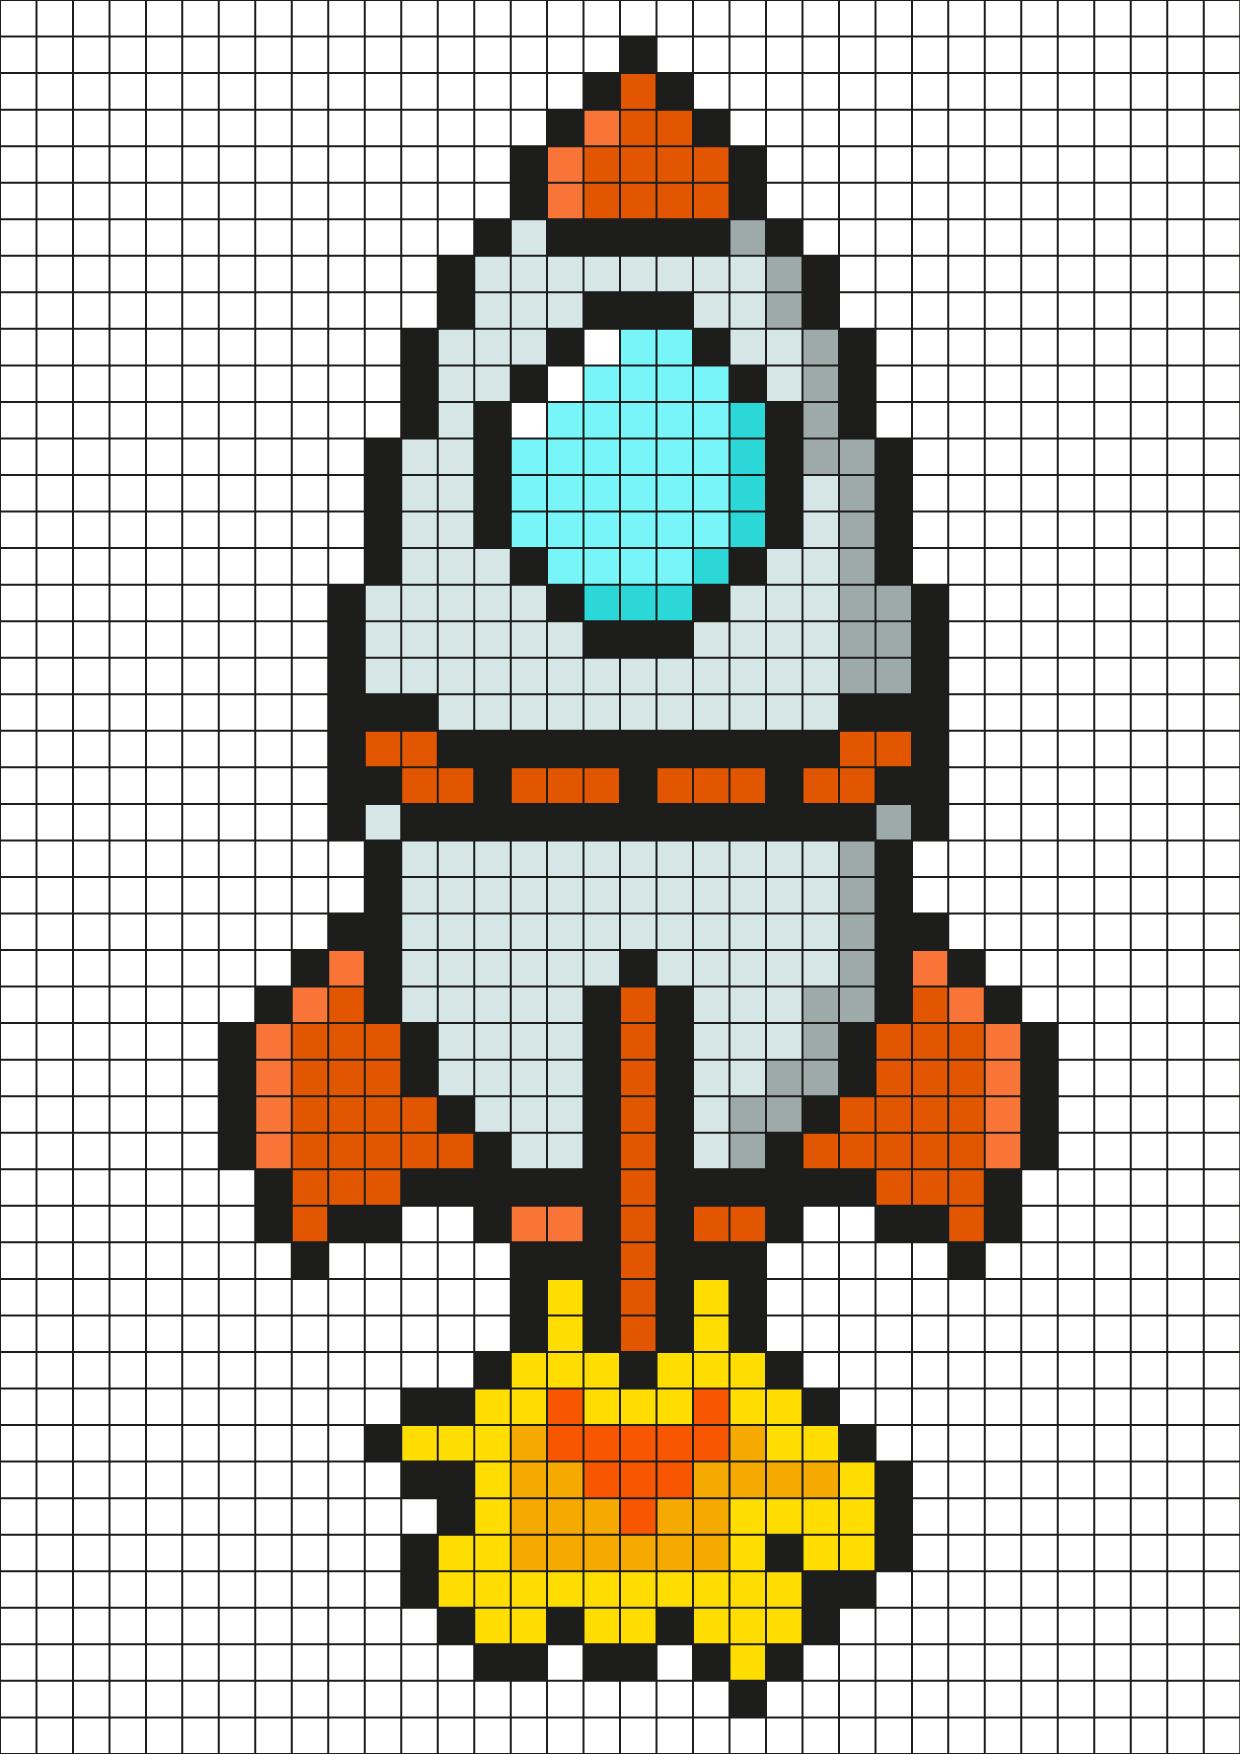 Pixel Art Fusée Par Tête À Modeler concernant Jeux De Dessin Pixel Art Gratuit